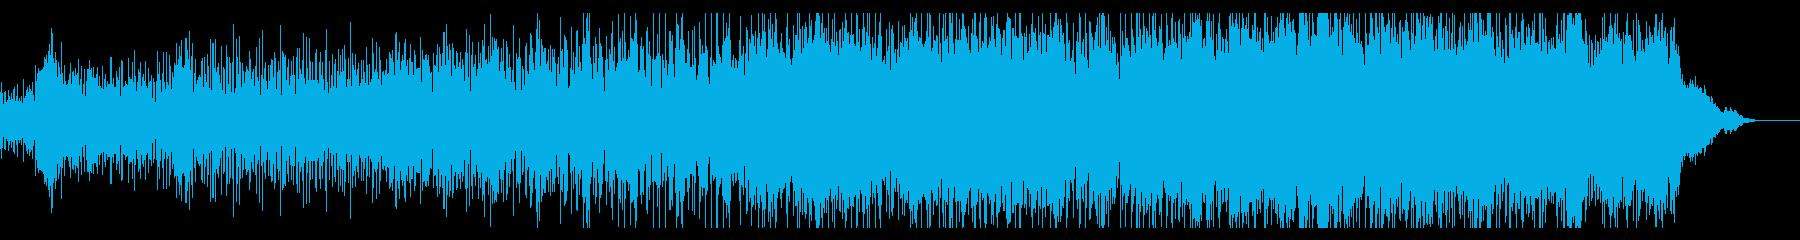 シンプルなシネマティックIDMの再生済みの波形